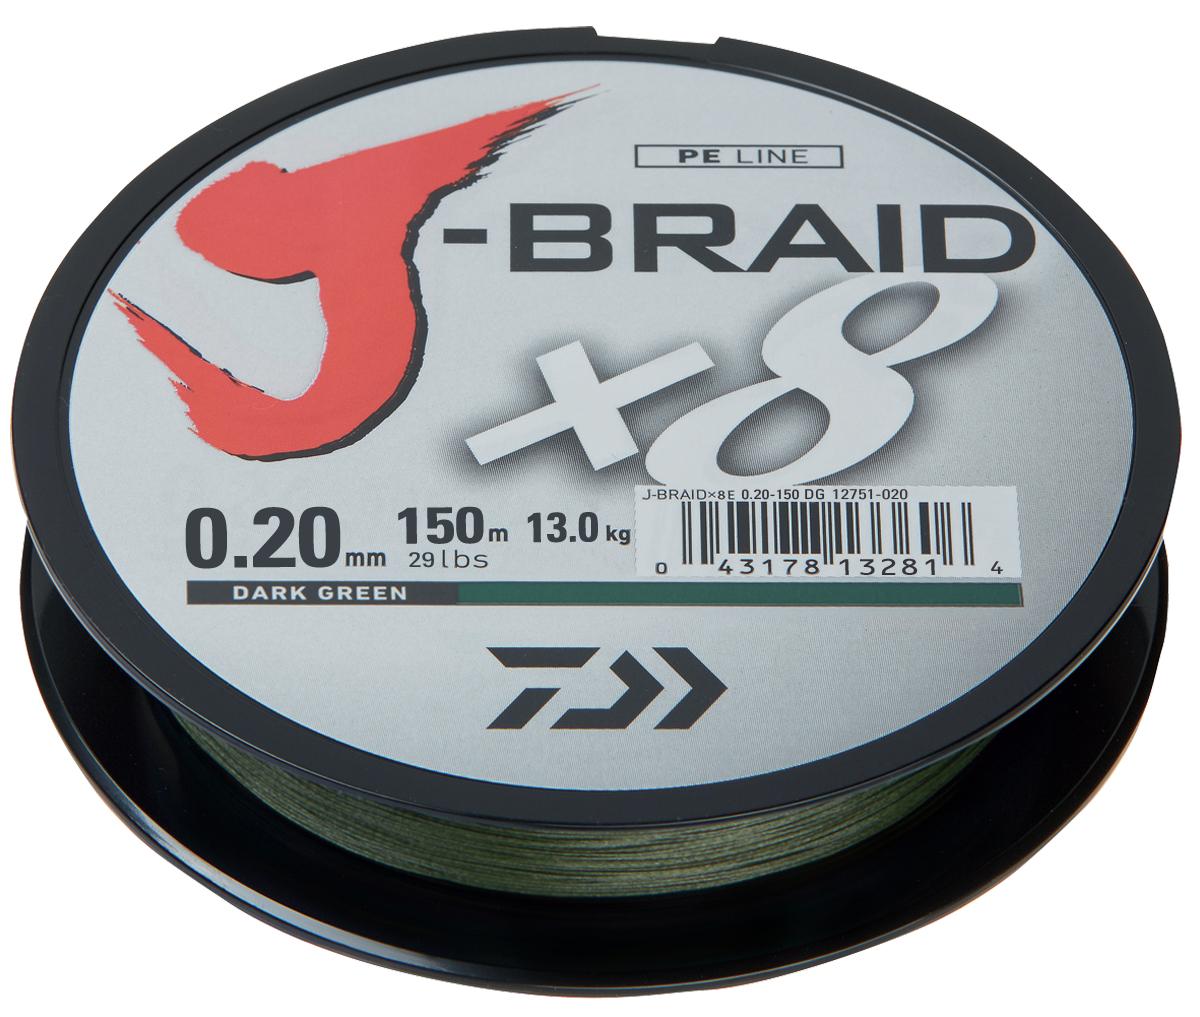 Шнур плетеный Daiwa J-Braid X8, цвет: зеленый, 150 м, 0,20 мм61103J-Braid от DAIWA - исключительный шнур с плетением в 8 нитей. Он полностью удовлетворяетвсем требованиям, предъявляемым высококачественным плетеным шнурам. Неважно,собрались ли вы ловить крупных морских хищников, как палтус, треска или сайда, или окуня исудака, с вашим новым J-Braid вы всегда контролируете рыбу.J-Braid предлагает соответствующий диаметр для любых техник ловли: море, река или озеро- невероятно прочный и надежный. J-Braid скользит через кольца, обеспечивая дальний иточный заброс даже самых легких приманок.Идеален для спиннинговых и бейткастинговых катушек!Невероятное соотношение цены и качества!